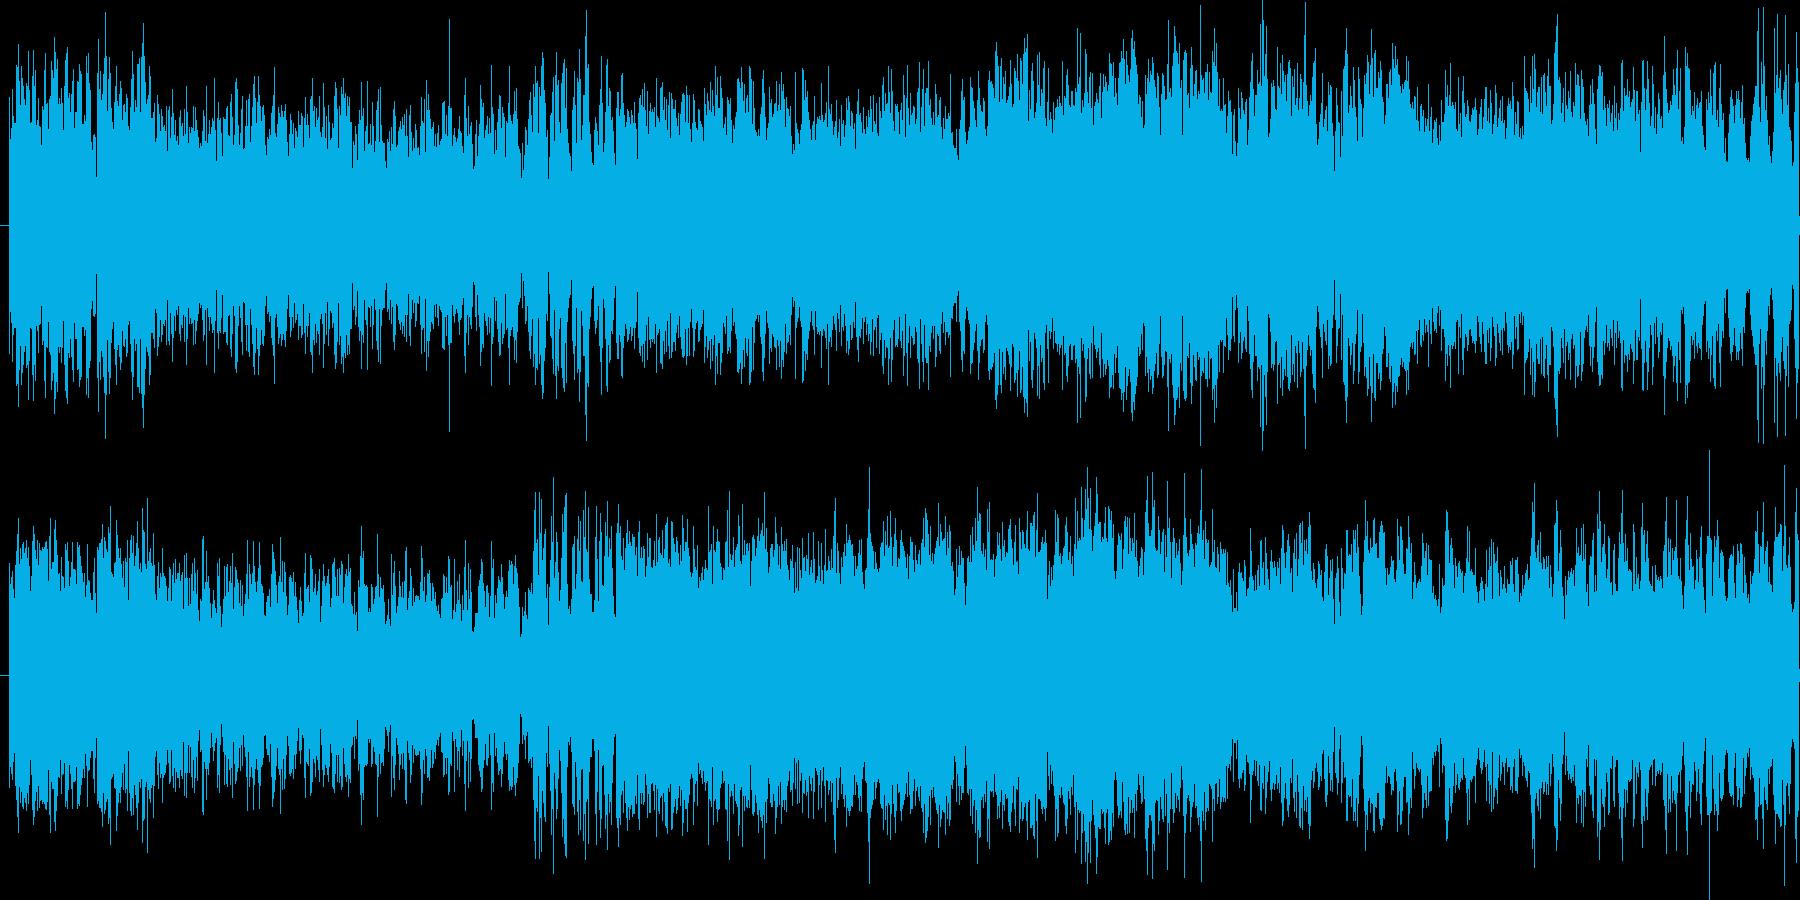 オーケストラによる戦闘曲の再生済みの波形